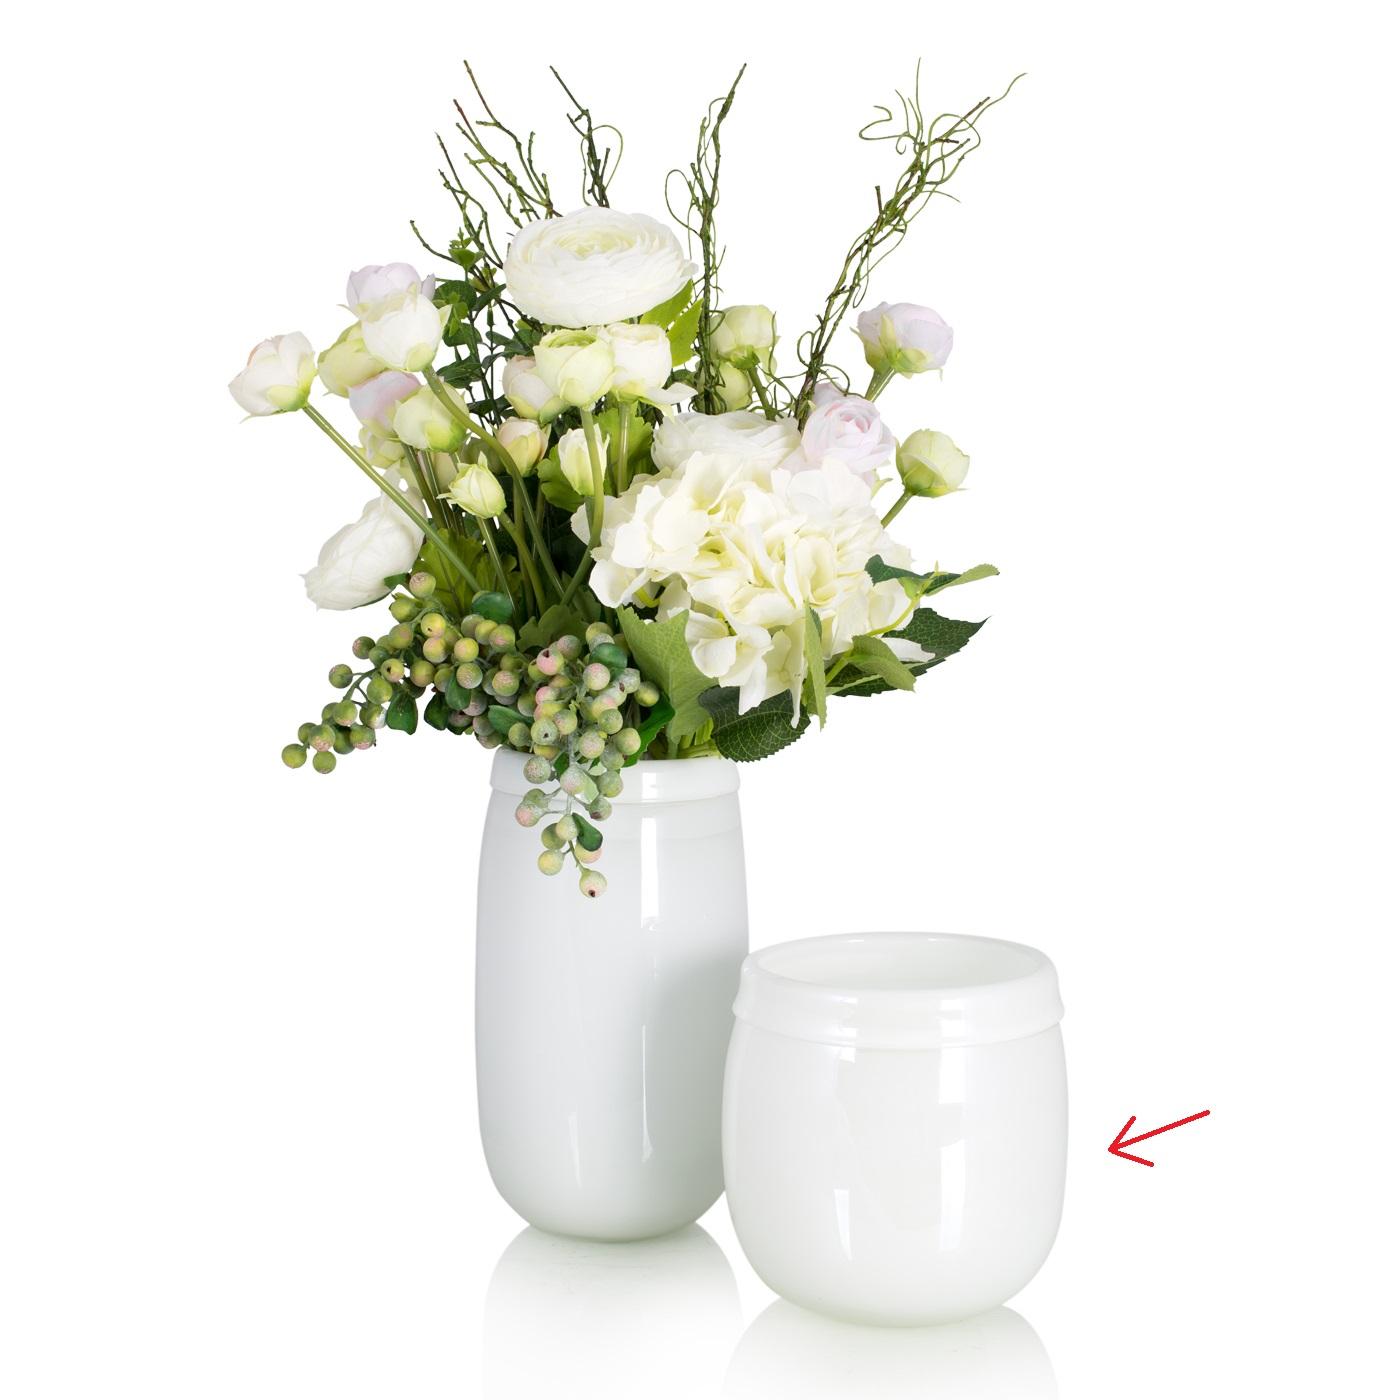 {} Home Philosophy Ваза Calanta Цвет: Белый (15х15х16 см) ваза кручёная цвет белый 51 см 1025307